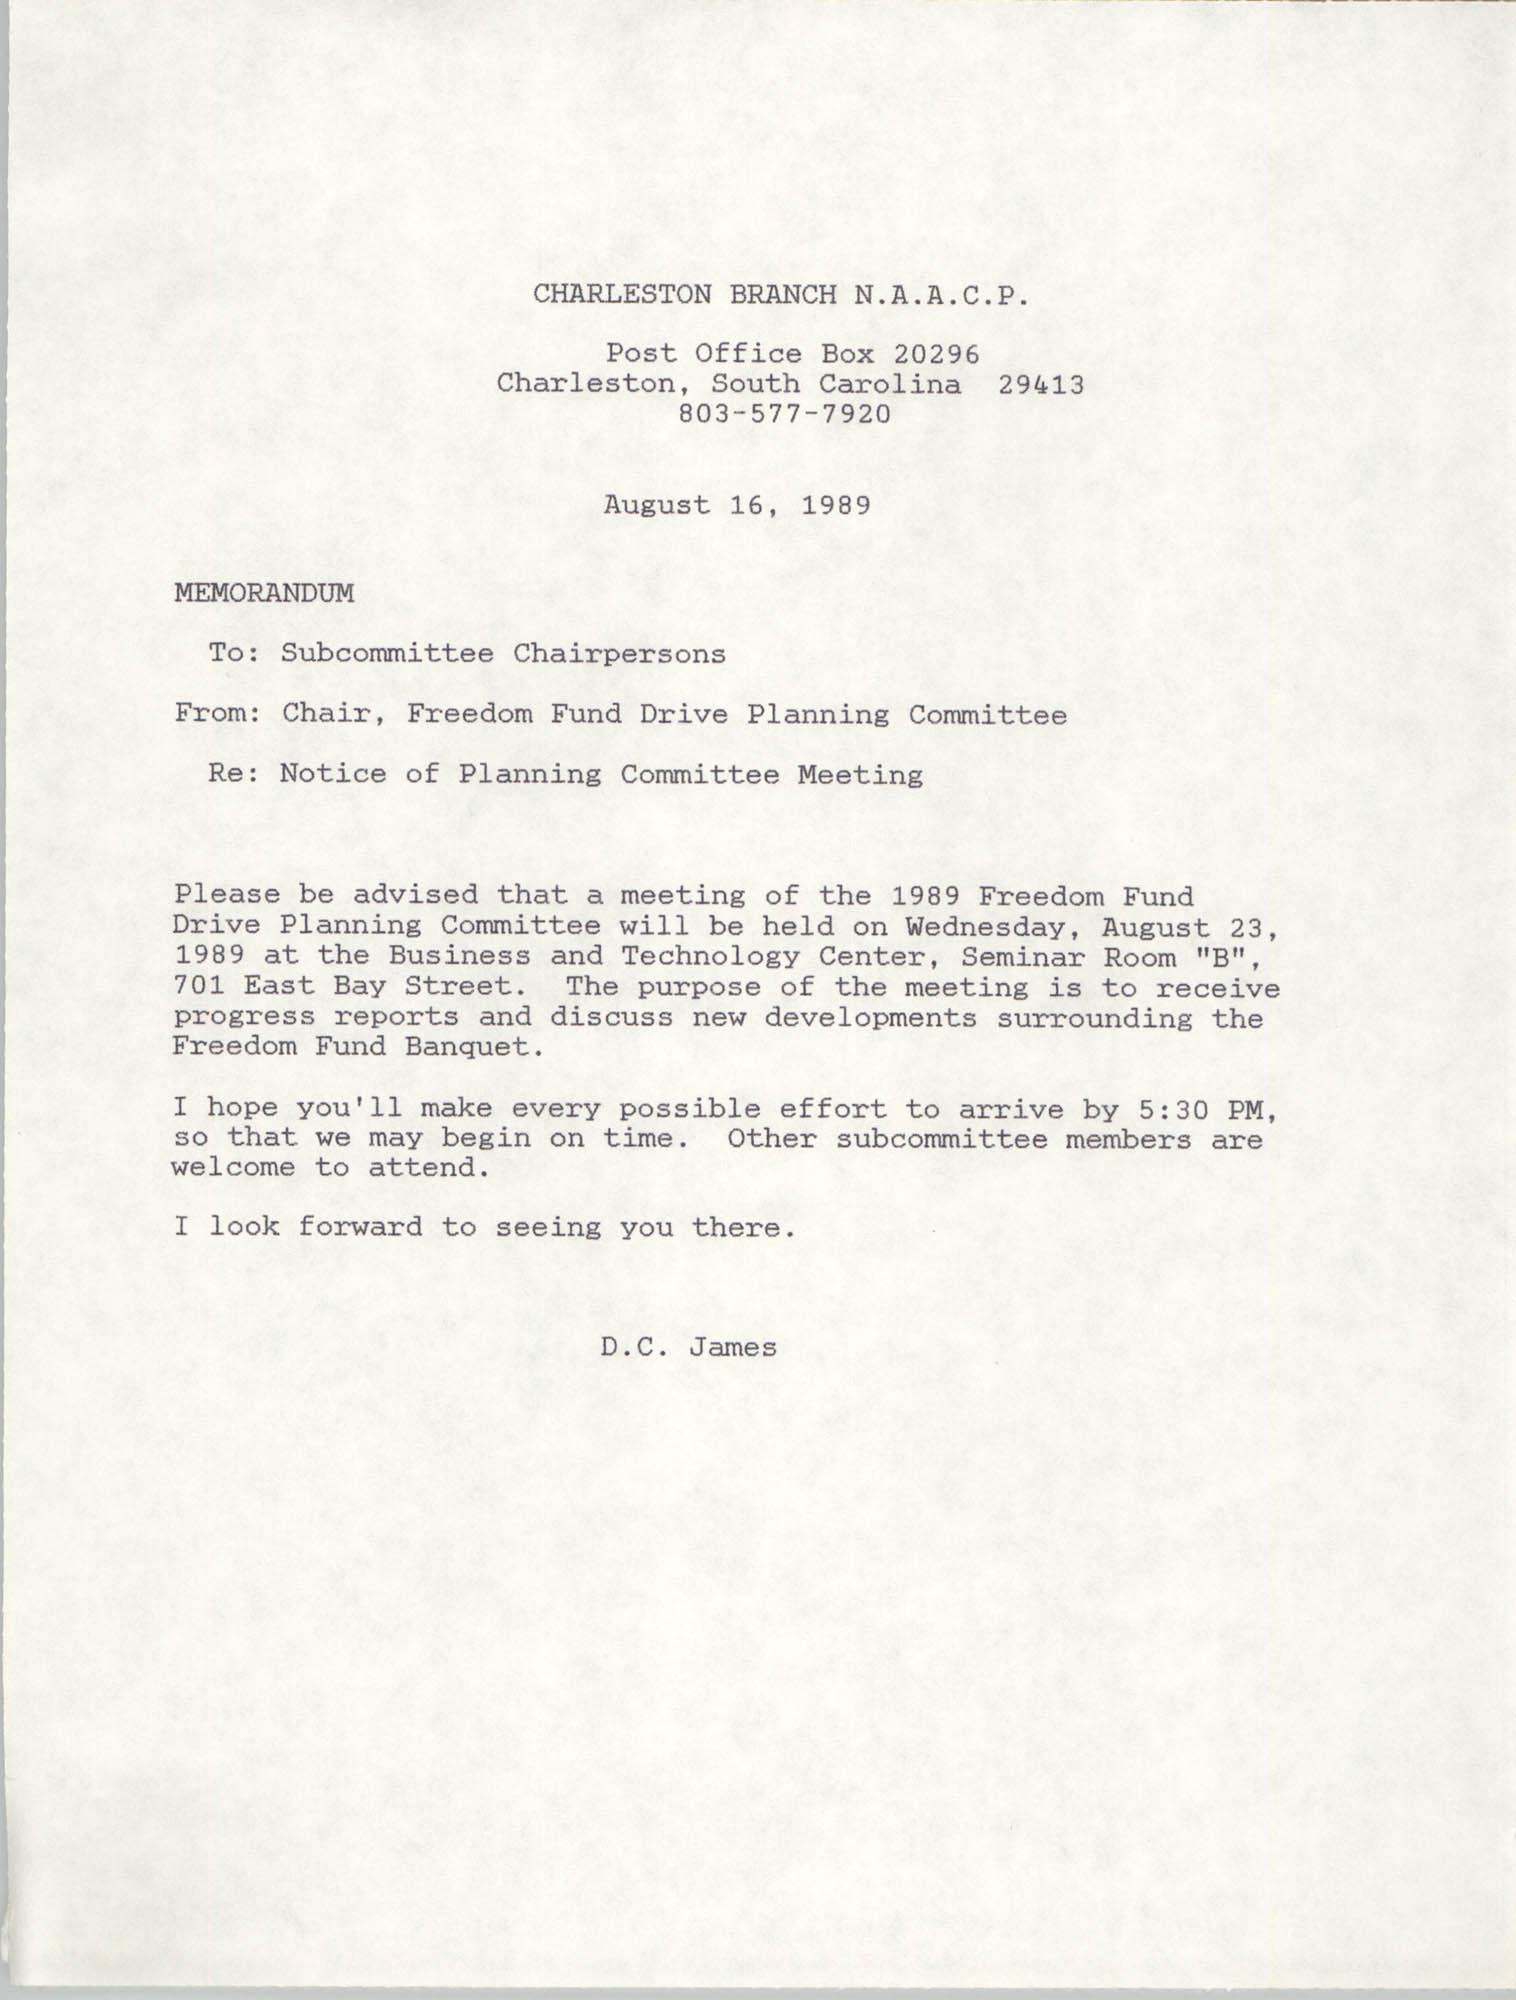 Memorandum, D.C. James, August 16, 1989